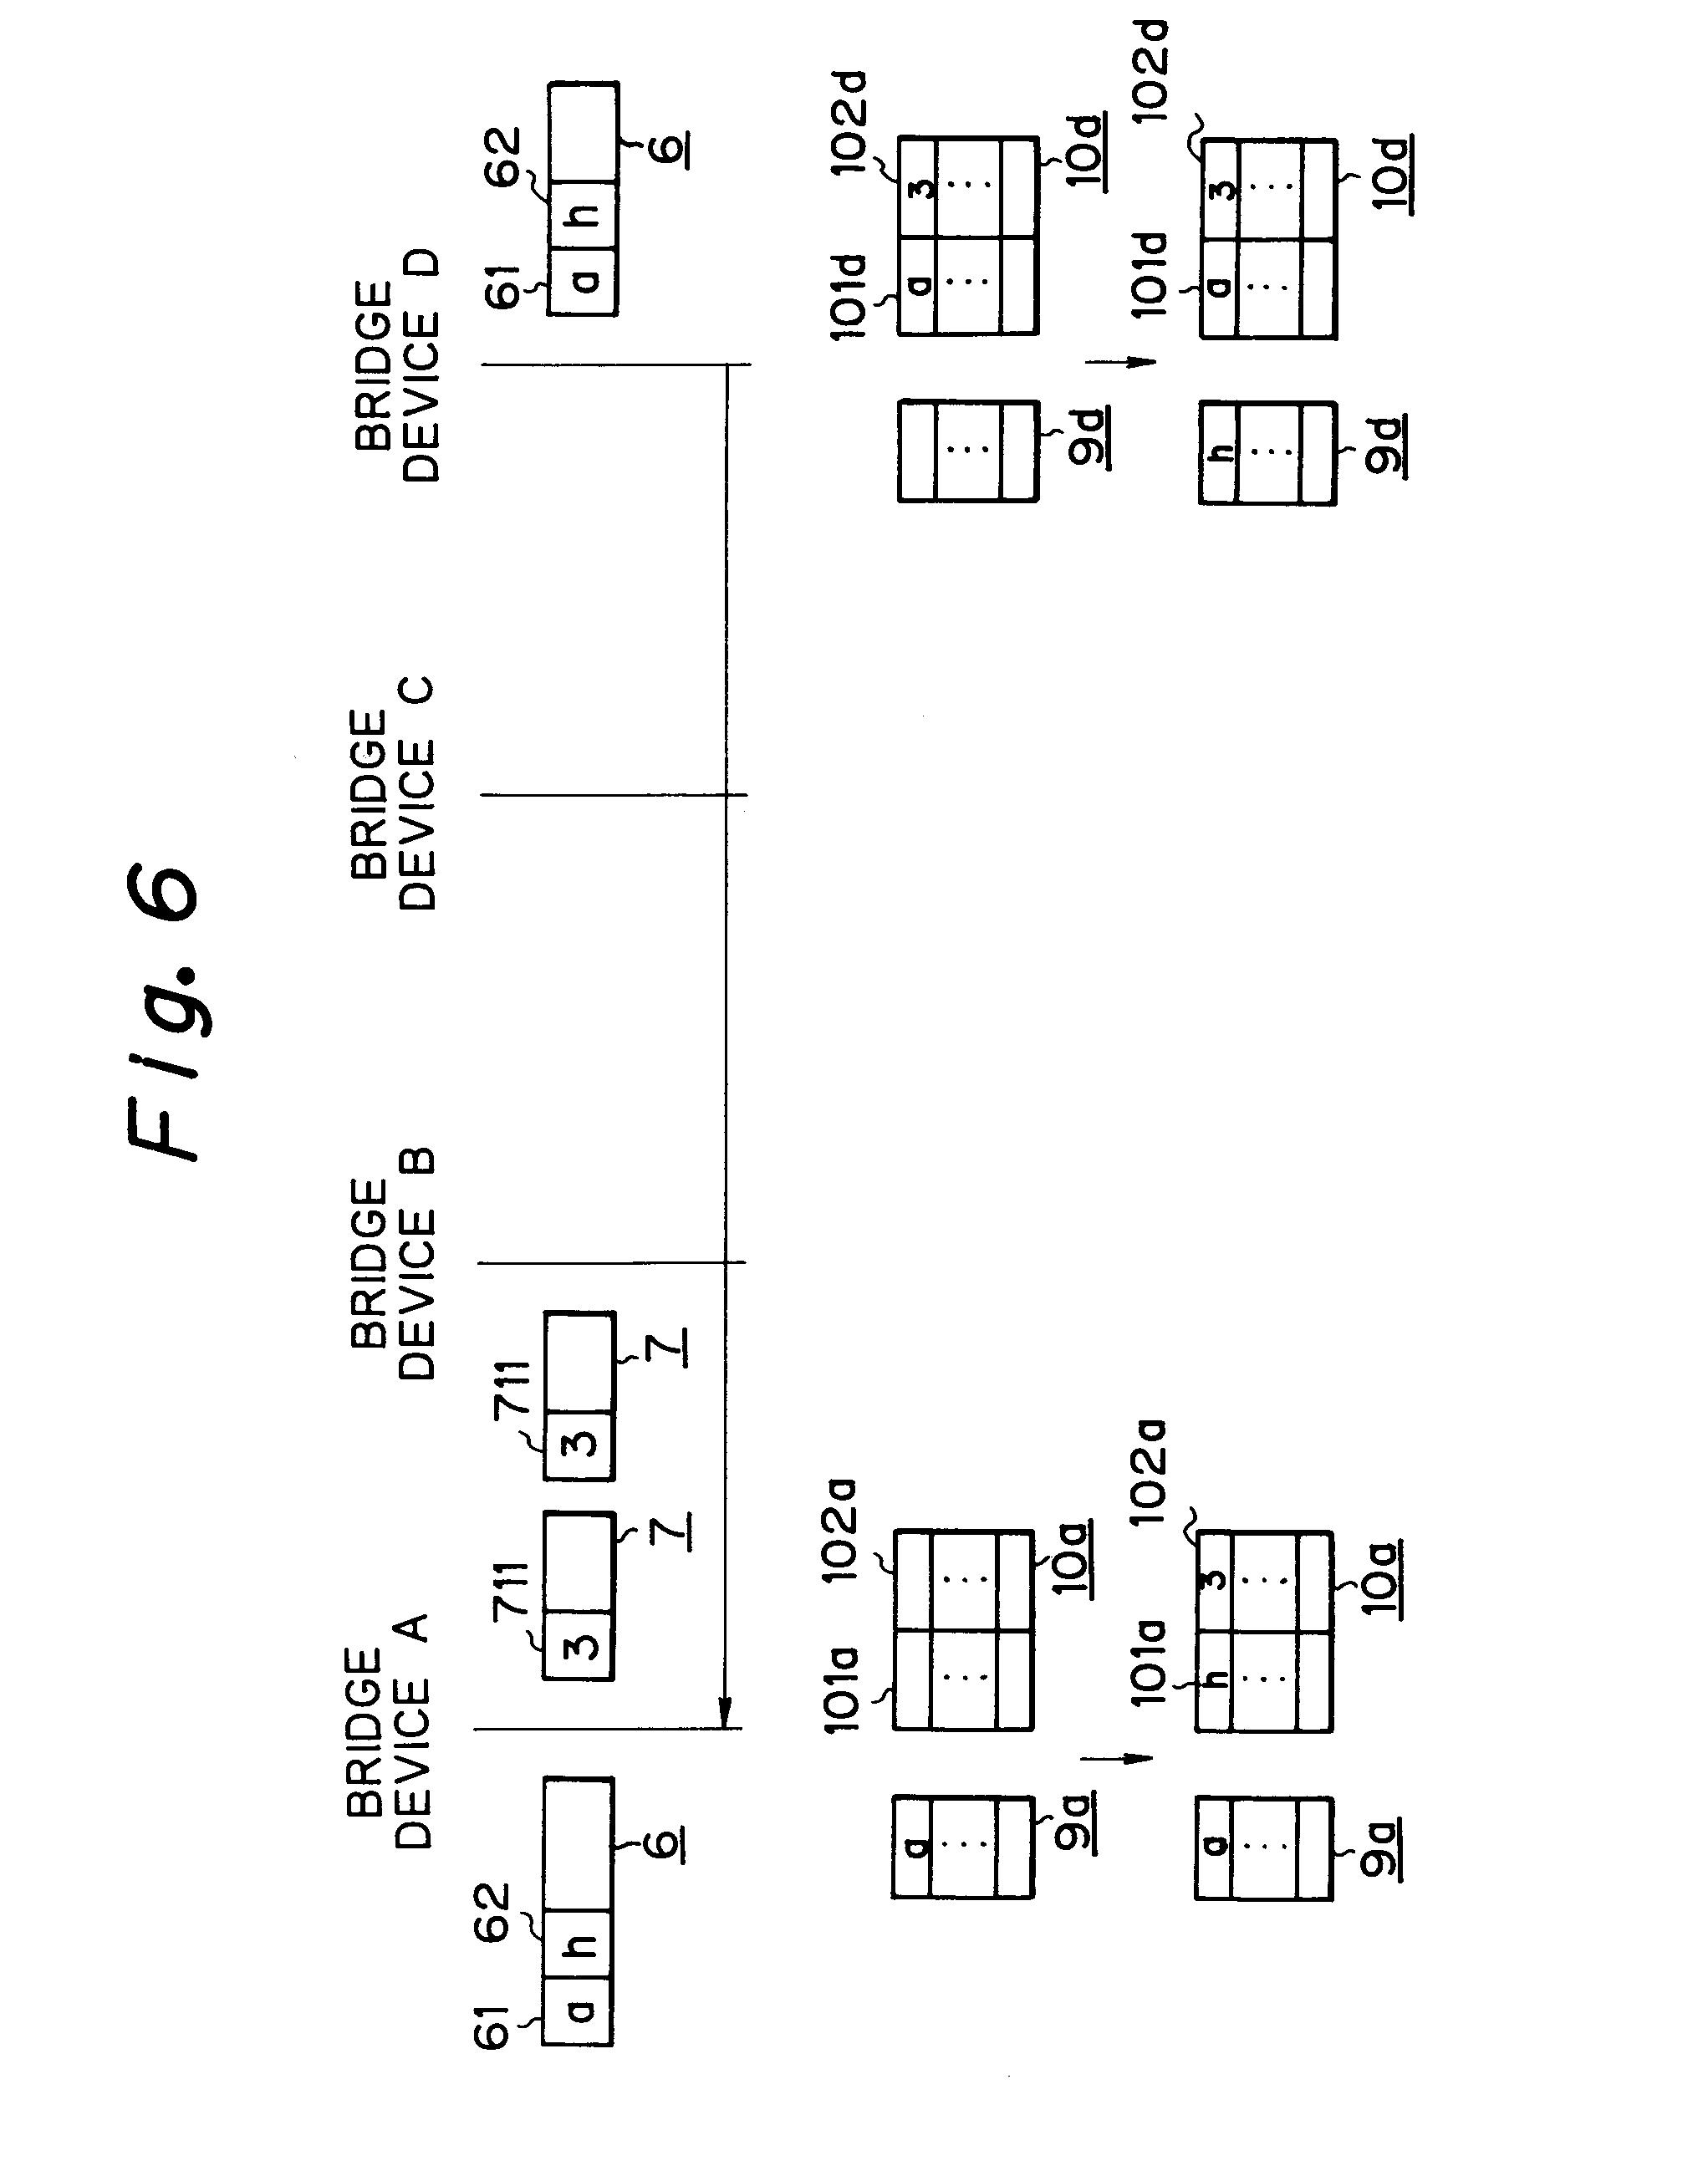 patent ep0473066a1 verbindungssystem f r eine anzahl von lokalen netzwerken google patentsuche. Black Bedroom Furniture Sets. Home Design Ideas